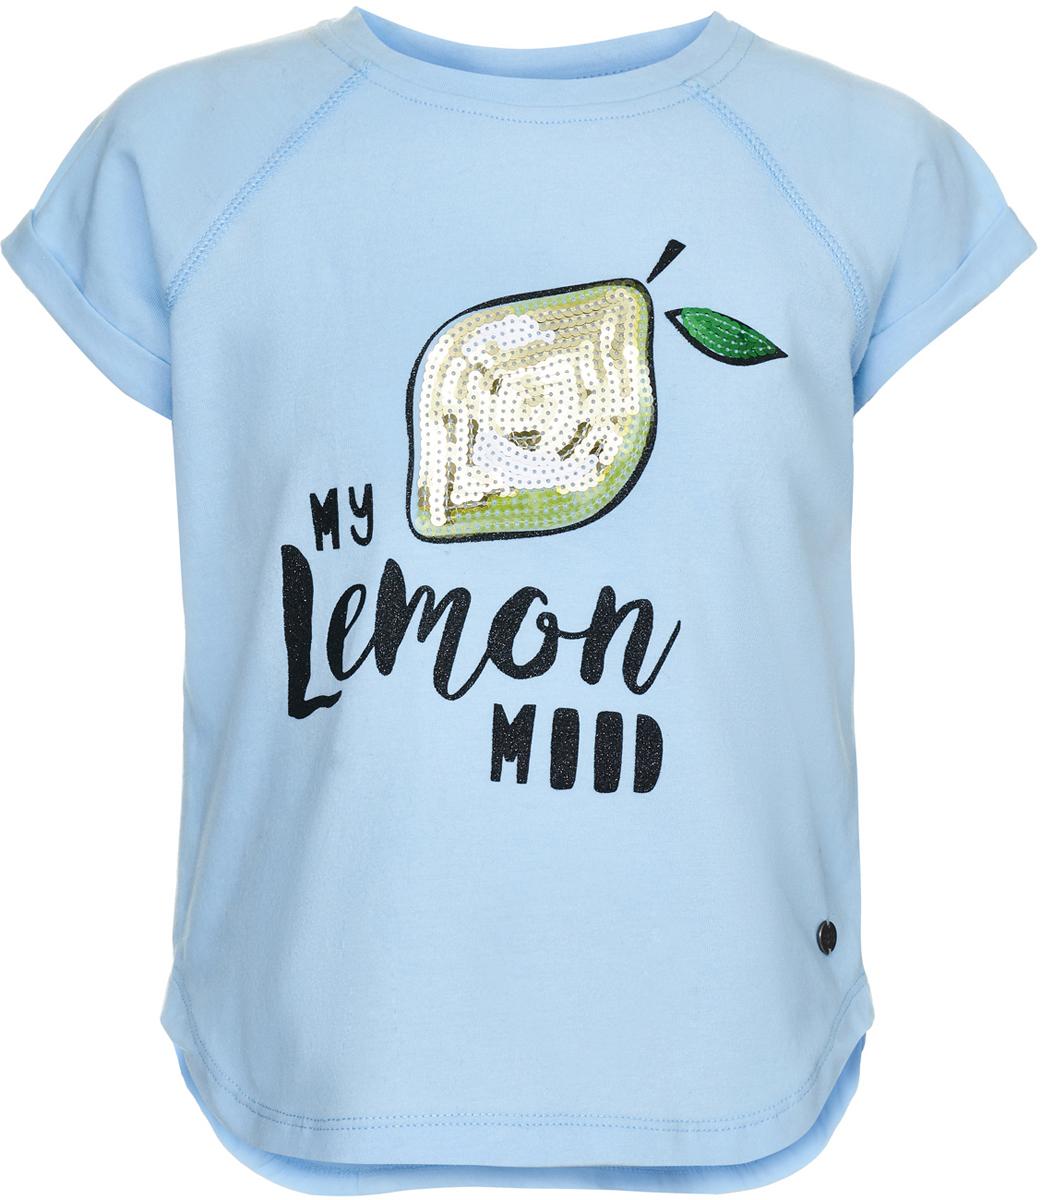 Футболка для девочки Button Blue, цвет: голубой. 118BBGC12021800. Размер 158118BBGC12021800Модная свободная футболка с коротким рукавом от Button Blue - то что нужно для девочки летом. Удобная форма и мягкая трикотажная ткань дарят ребенку комфорт, а привлекательный дизайн делает модель важной частью любого образа. Яркий принт с пайетками добавляет сочности и свежести!